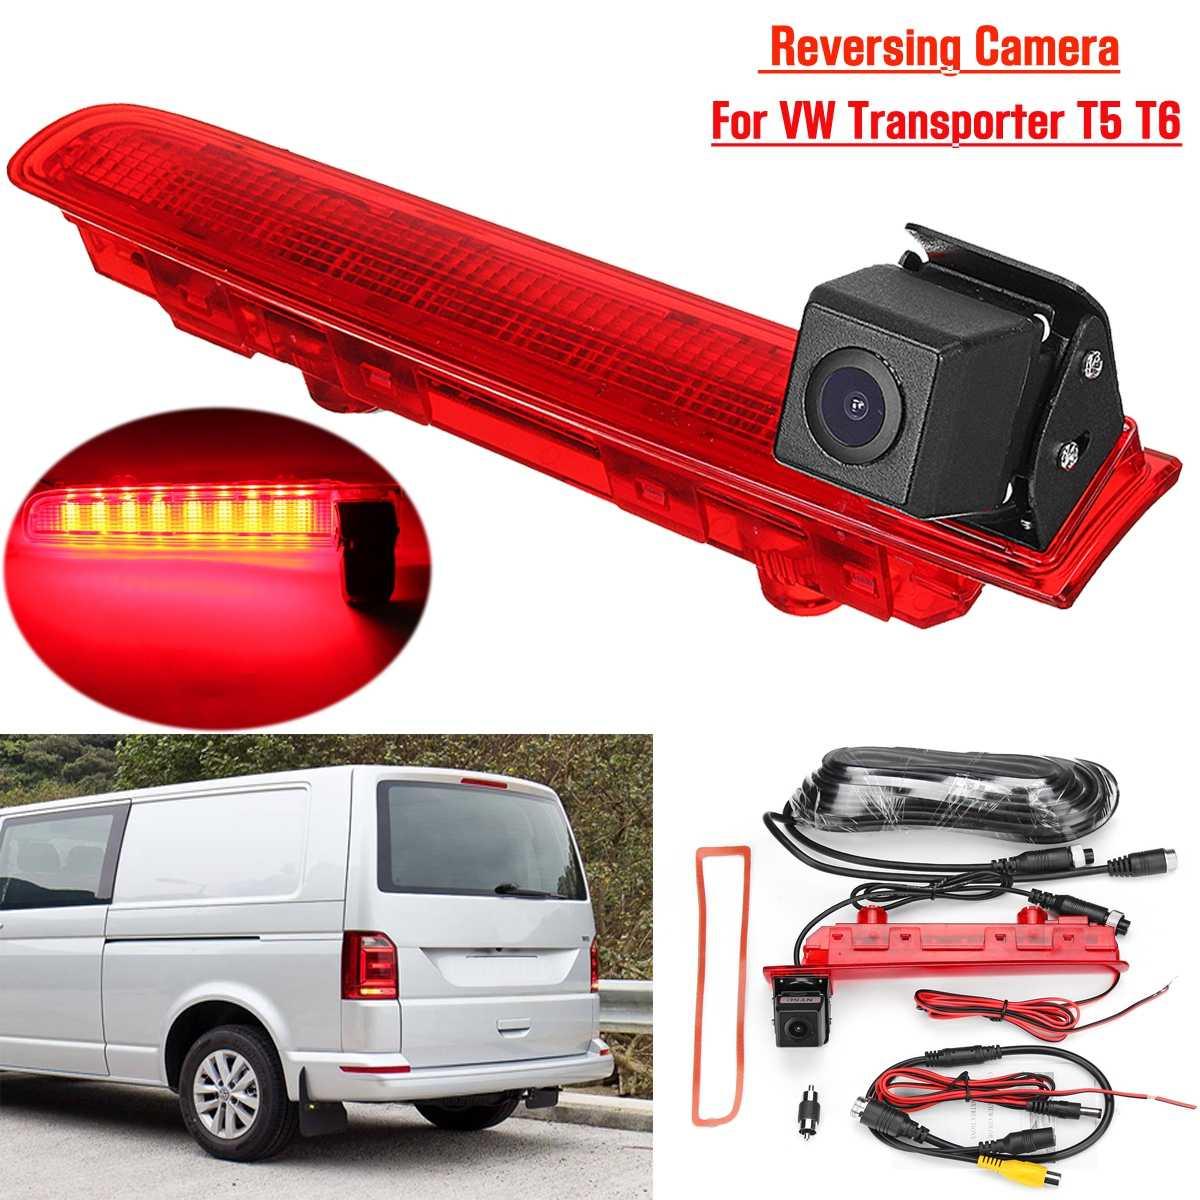 170° Car Reversing Backup Rear View Camera W/Brake Light For VW Transporter T5 & T6 2010-2019